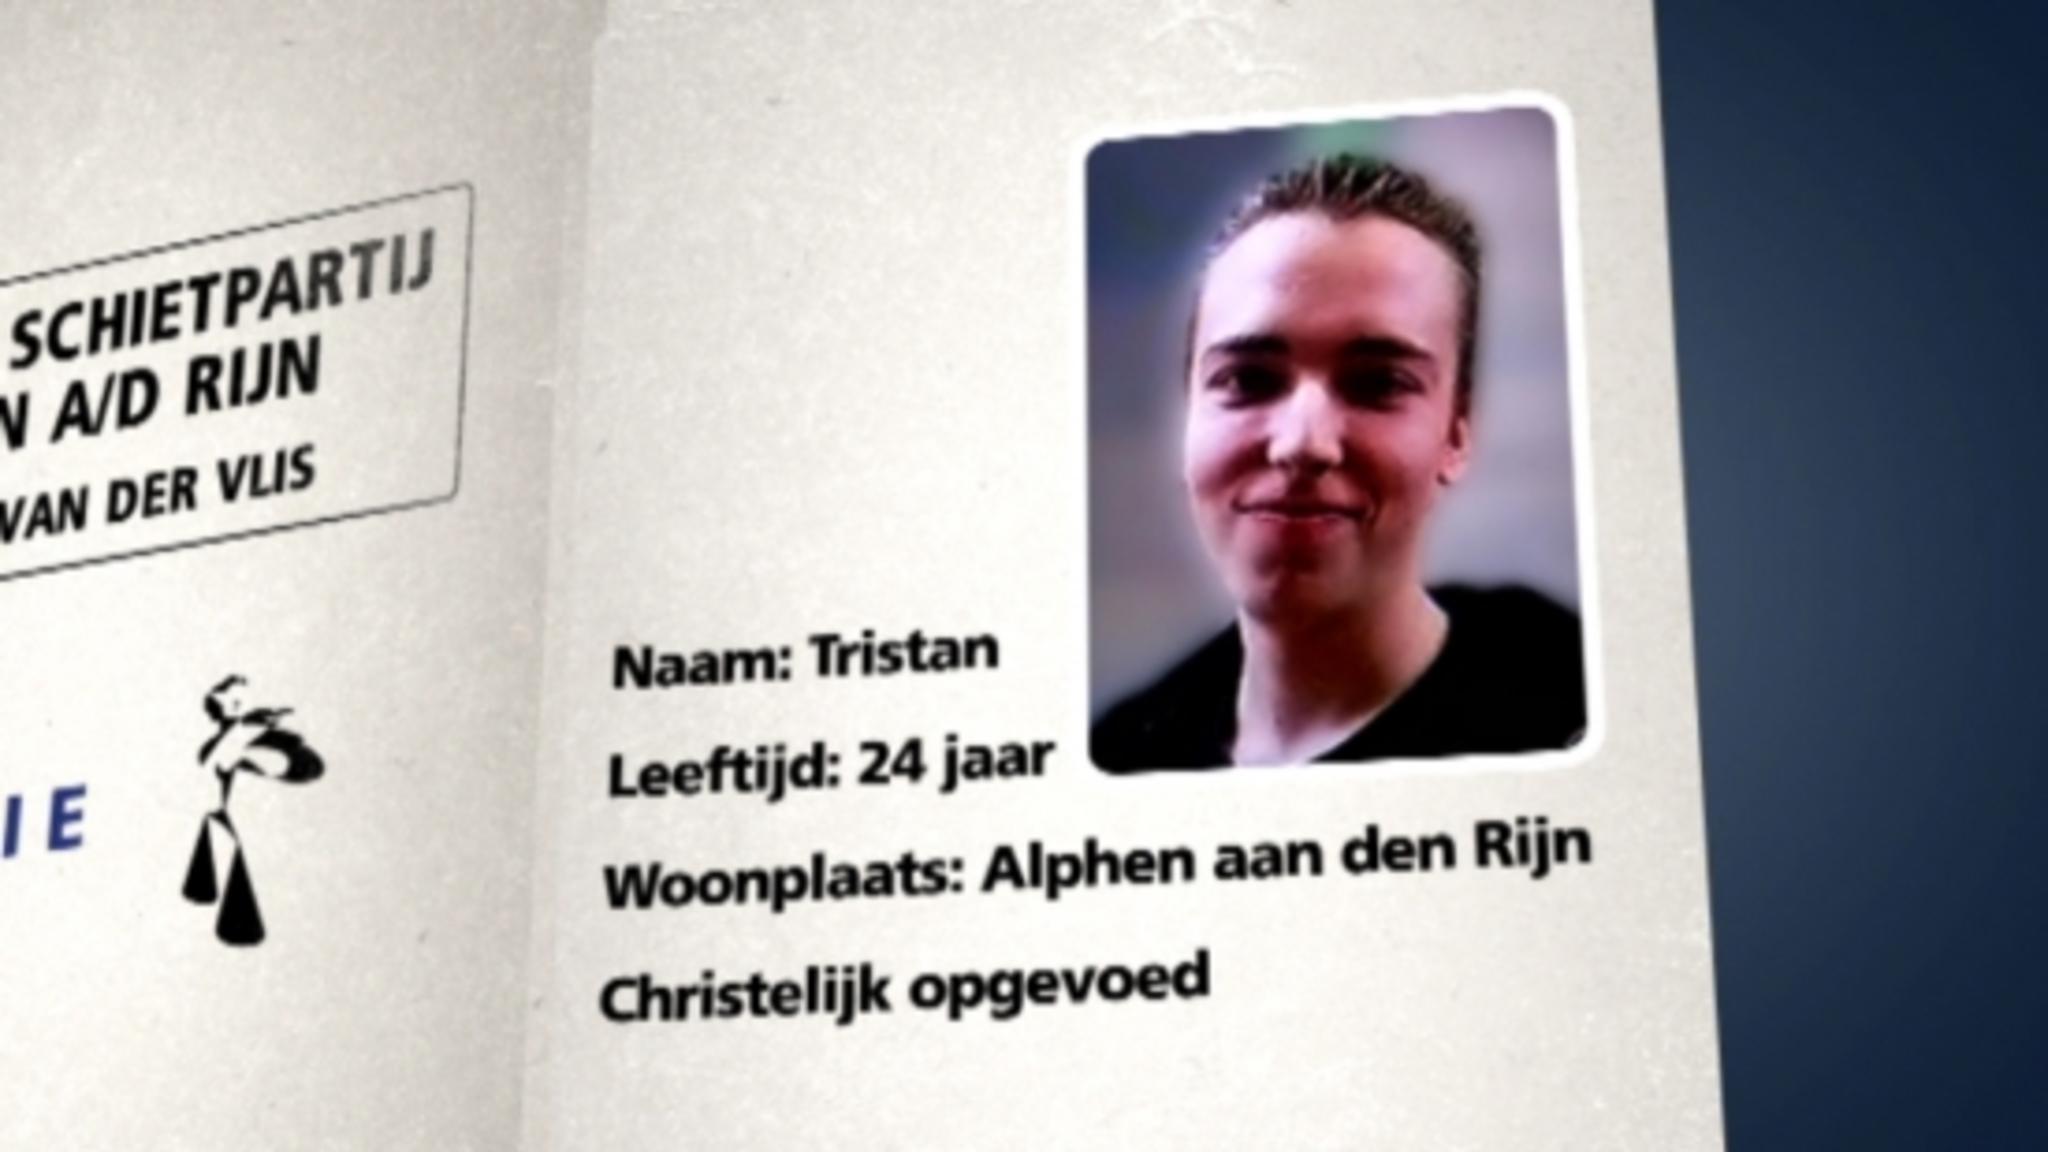 Wie Was Tristan Van Der Vlis?